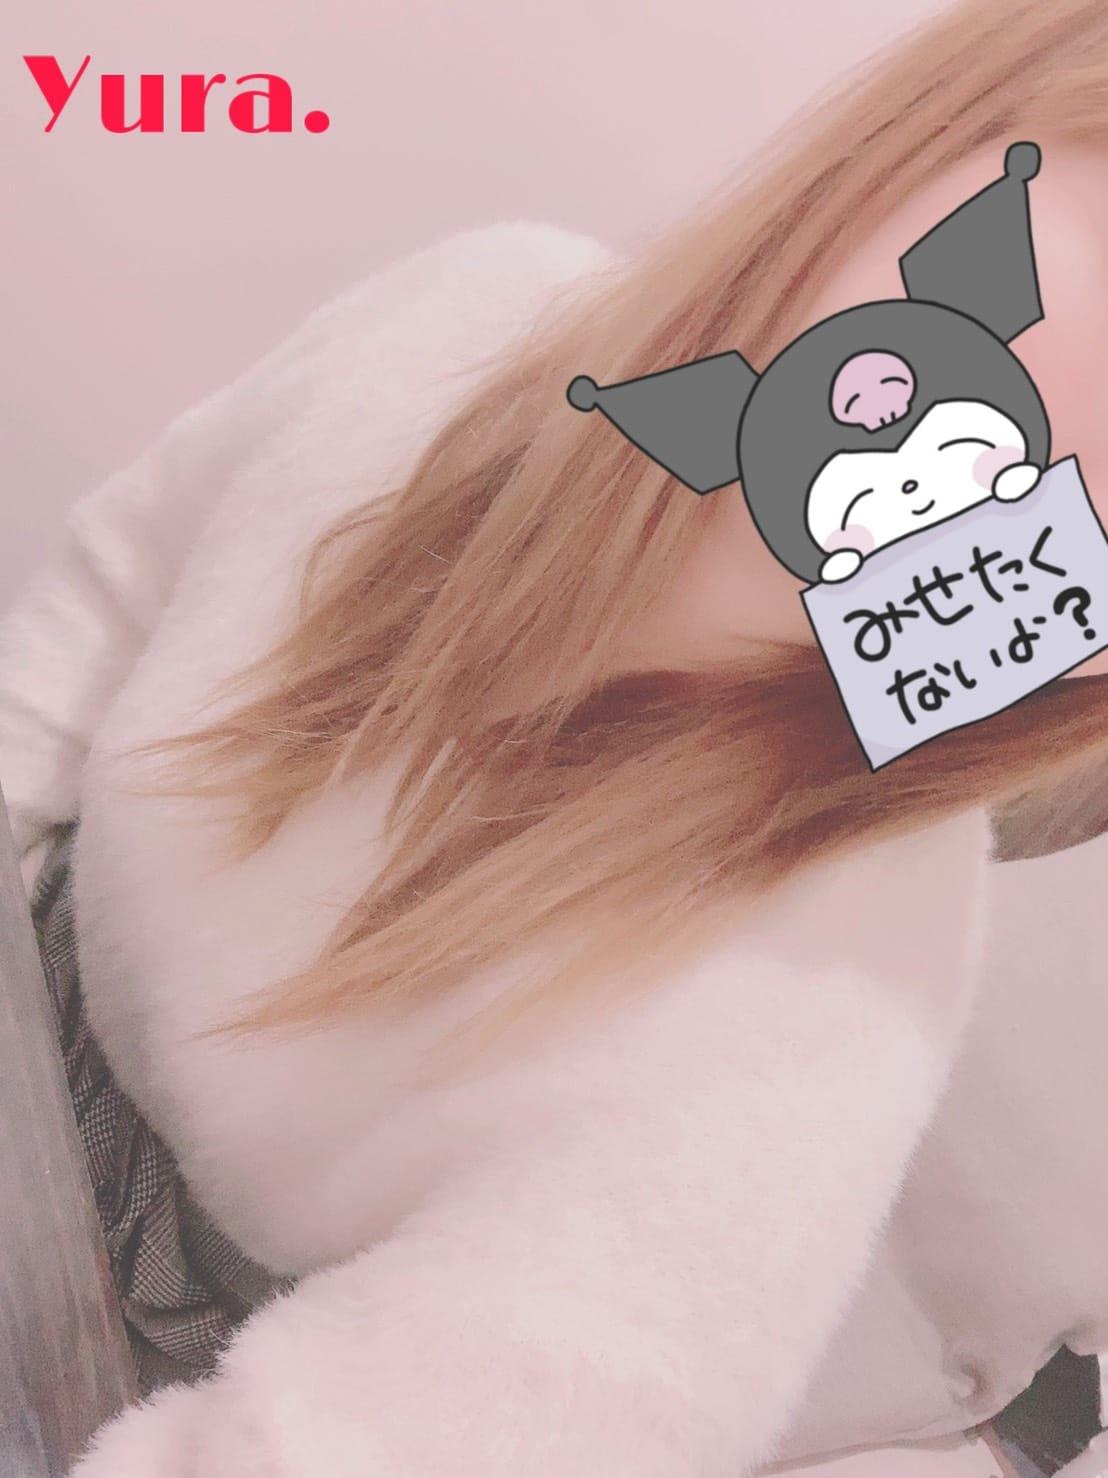 「ゆらです♪」01/16(01/16) 19:22 | ゆらの写メ・風俗動画